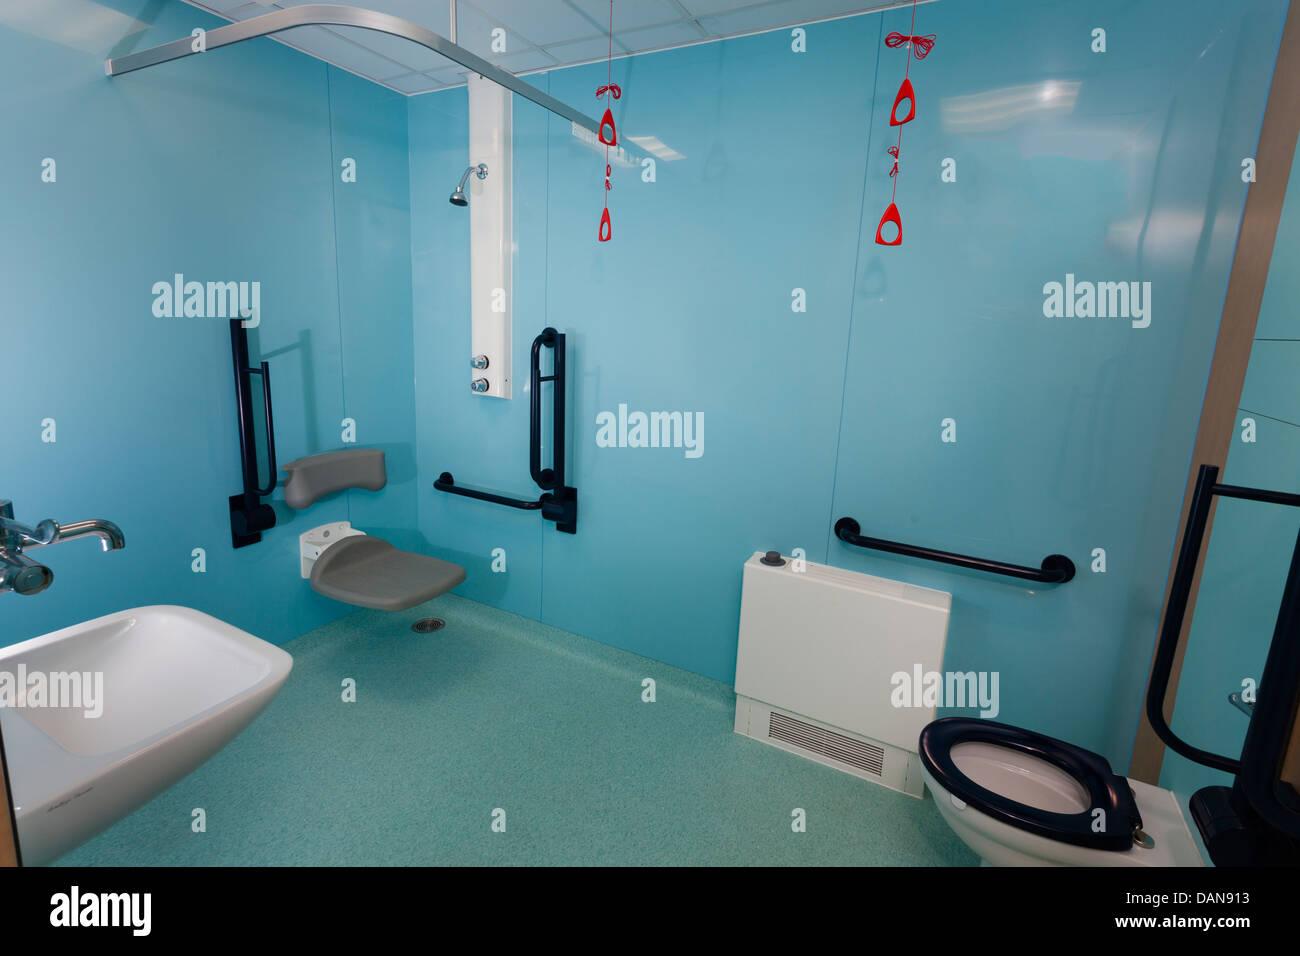 hospital bathroom. Hospital bathroom with disabled assistance bars  Stock Photo